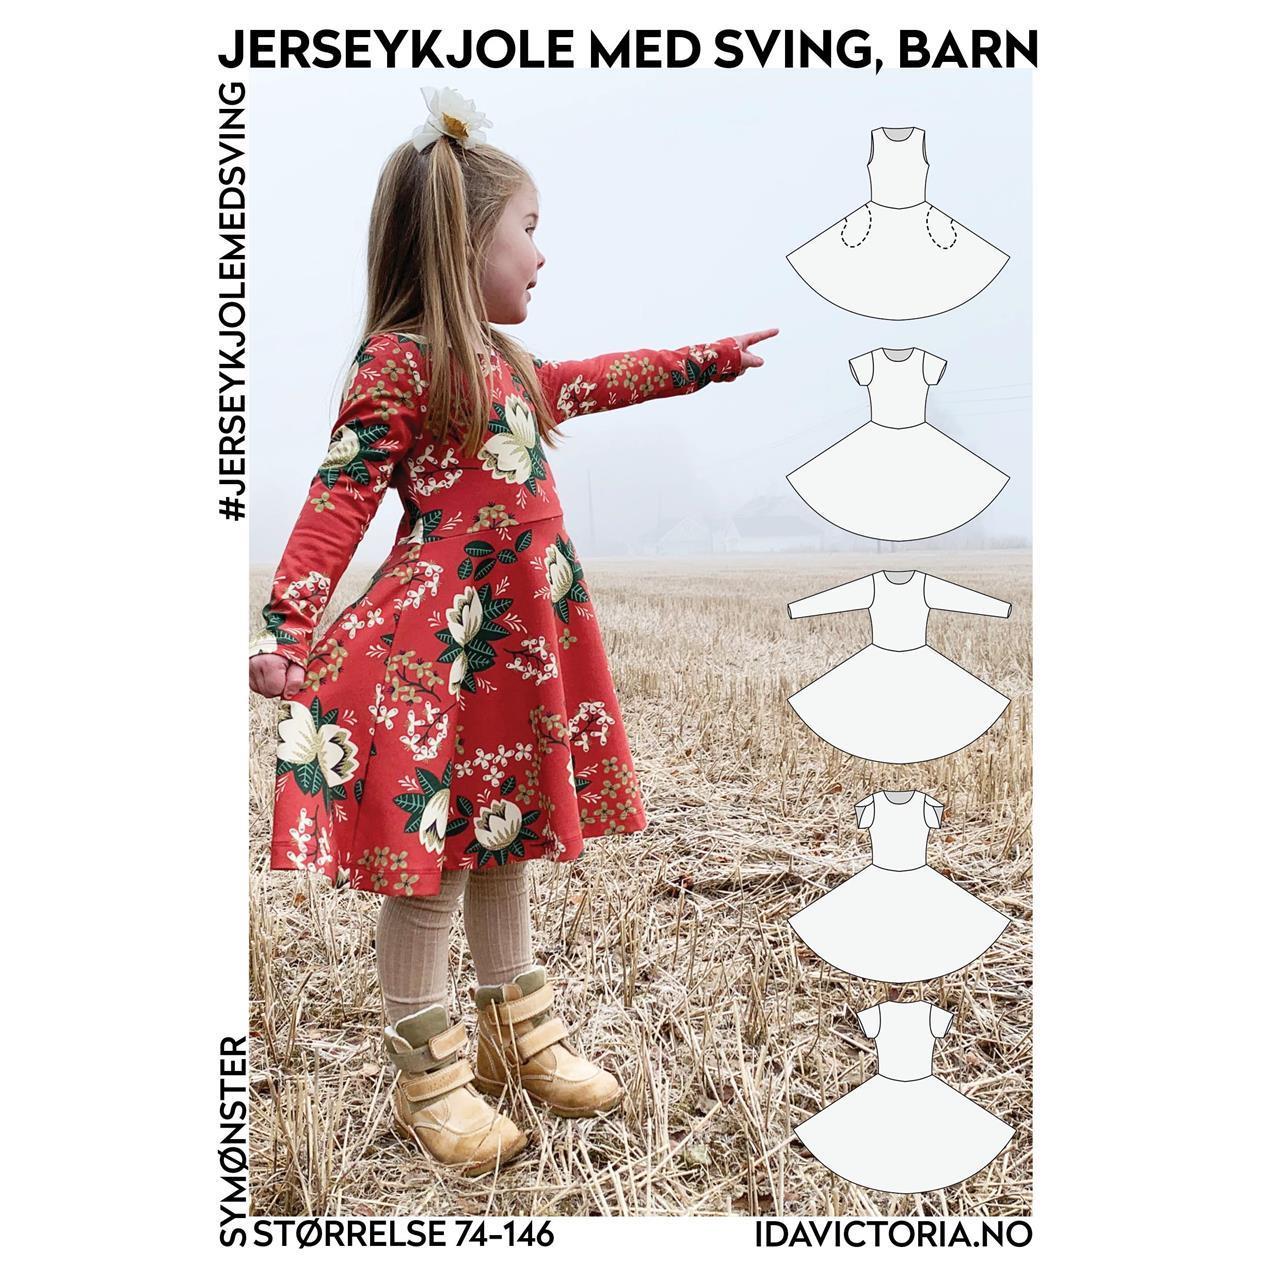 Jerseykjole med sving, barn